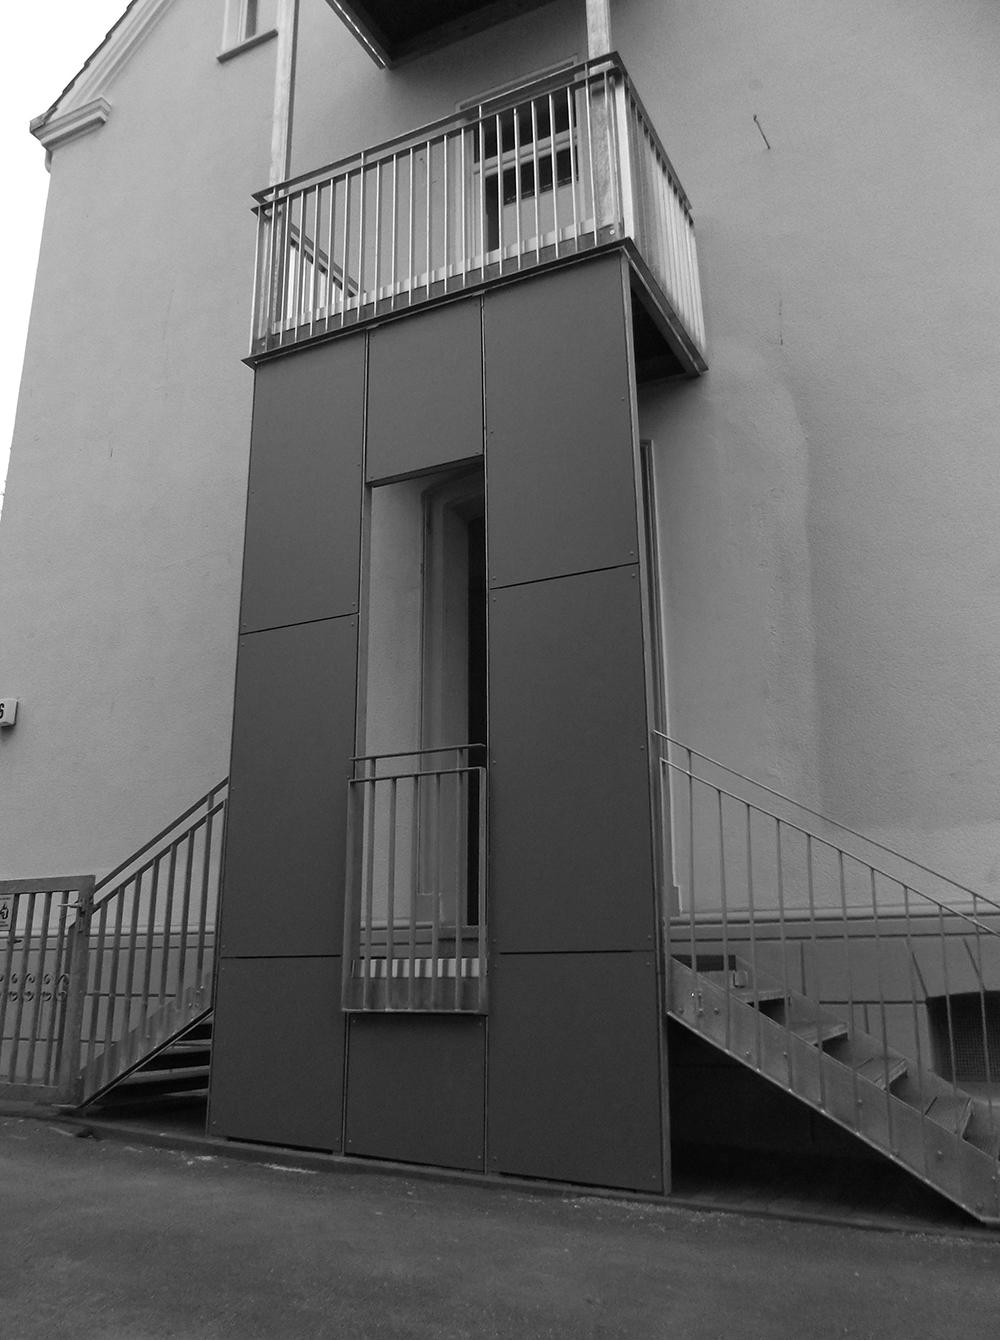 ihr architekt aus paderborn architekturb ro wispler. Black Bedroom Furniture Sets. Home Design Ideas